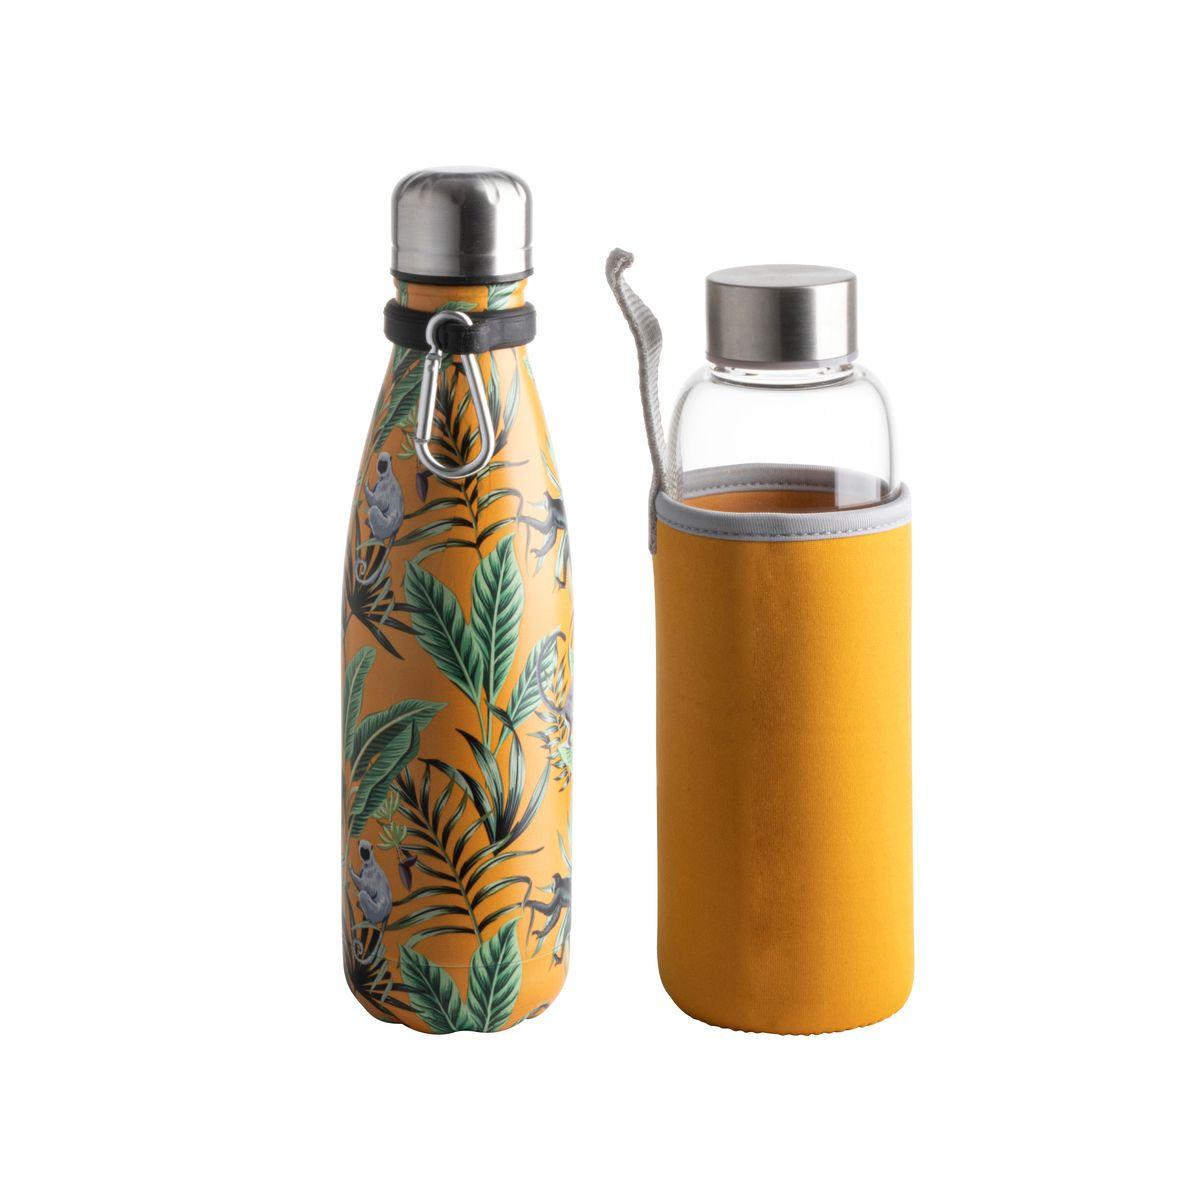 Coffret Jungle bouteille jaune isotherme 500ml + bouteille eau - Zodio